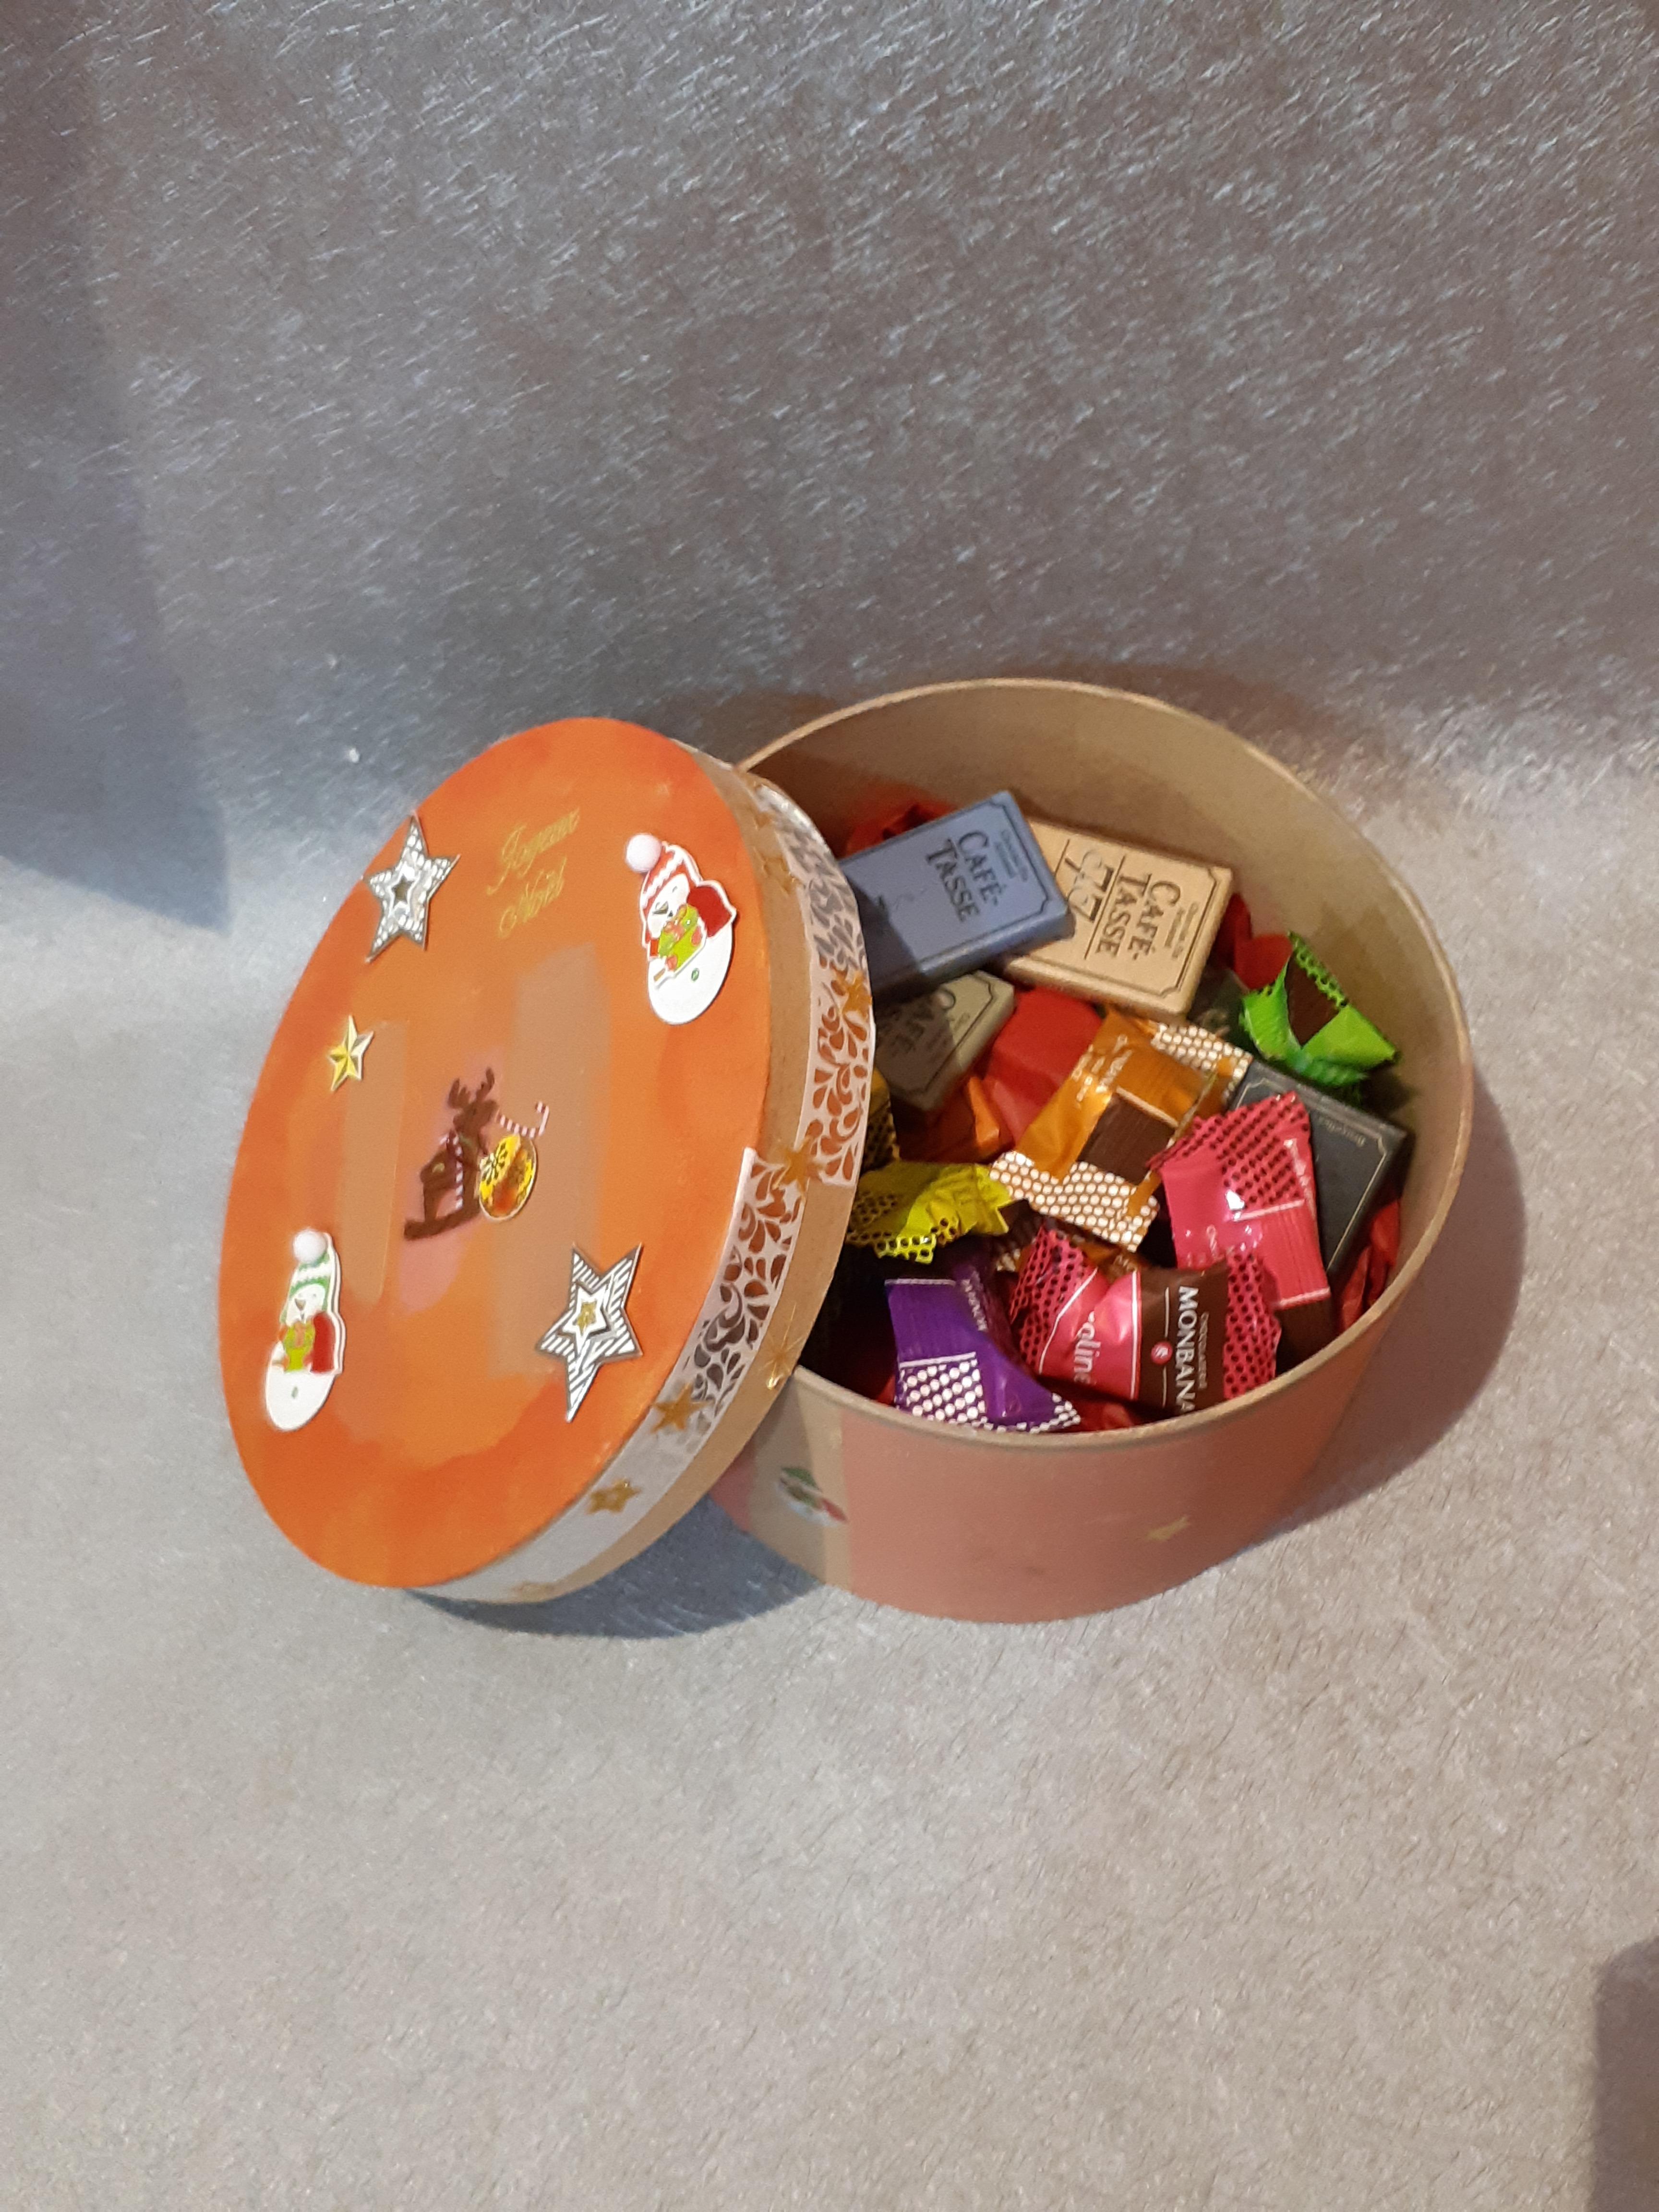 Idée cadeau à faire soi-même, la boîte à chocolats